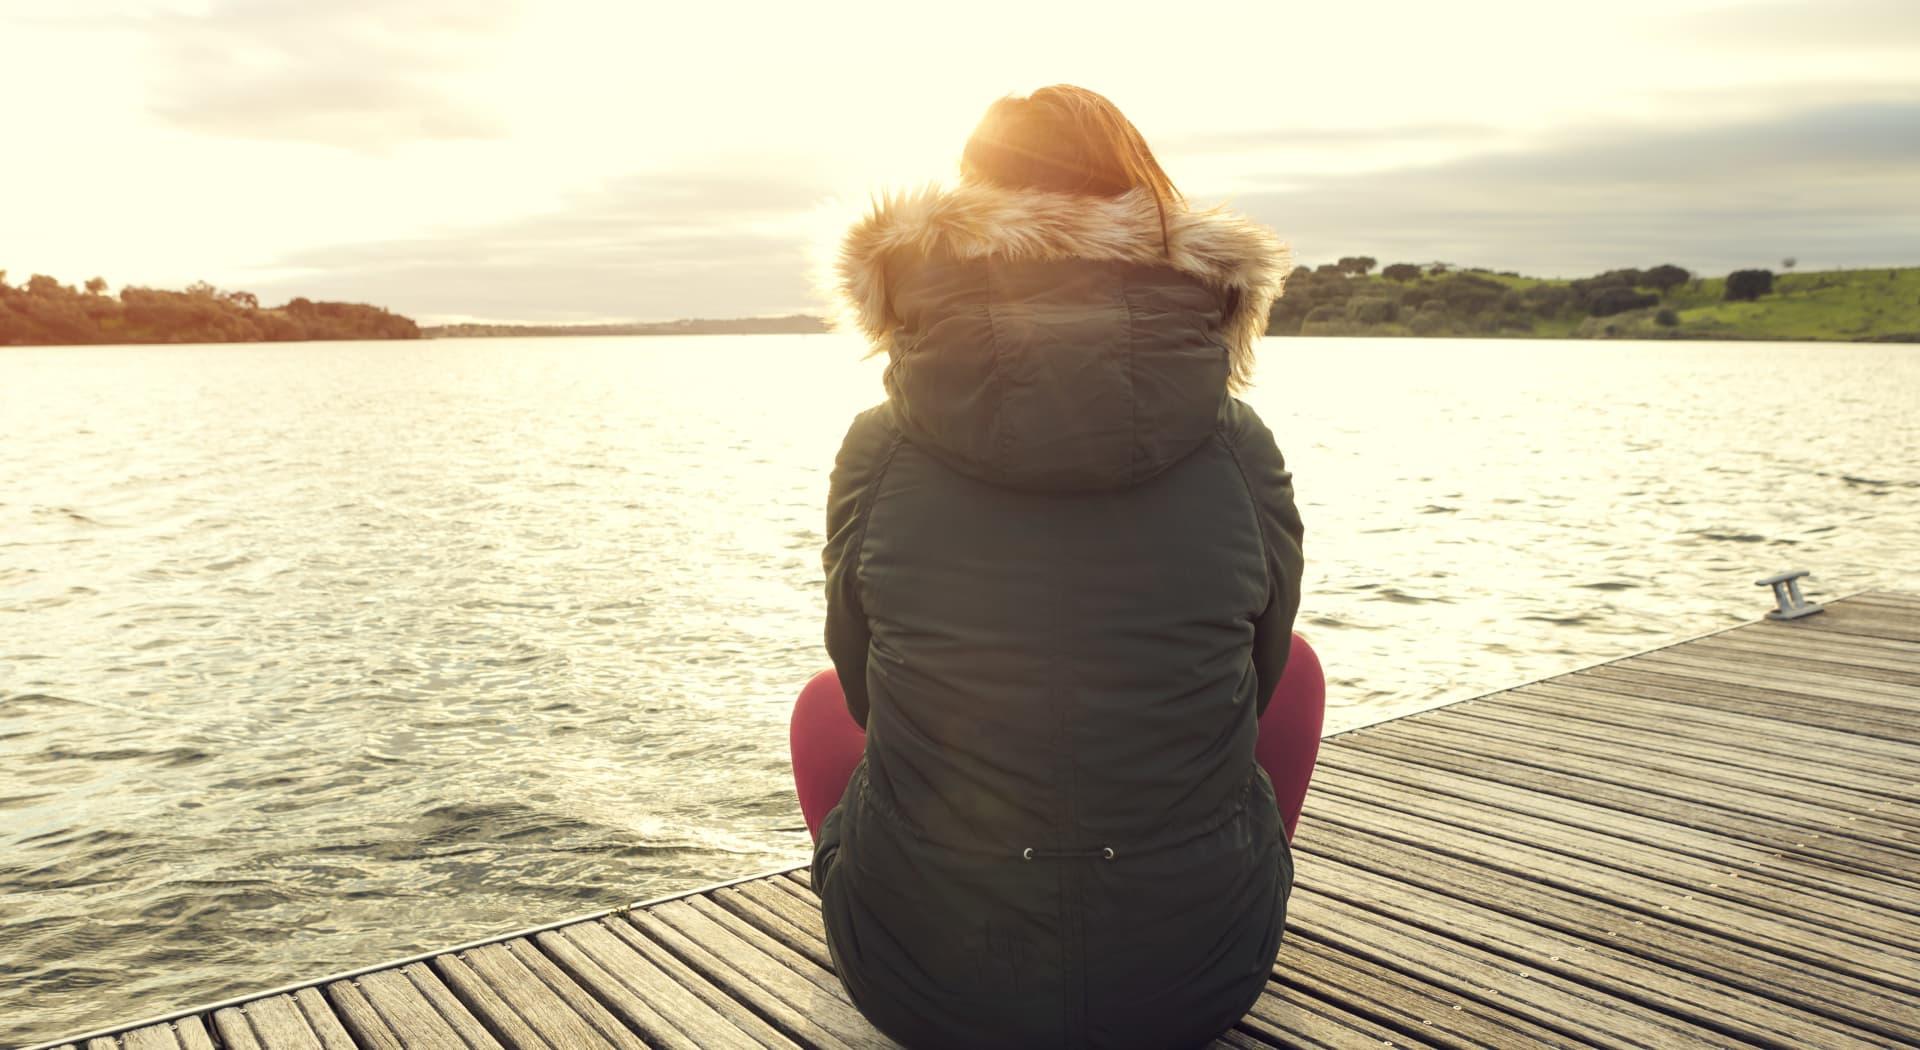 Pårørende skal lettere kunne få erstatning etter psykiske skader etter ny Høyesterettsdom.